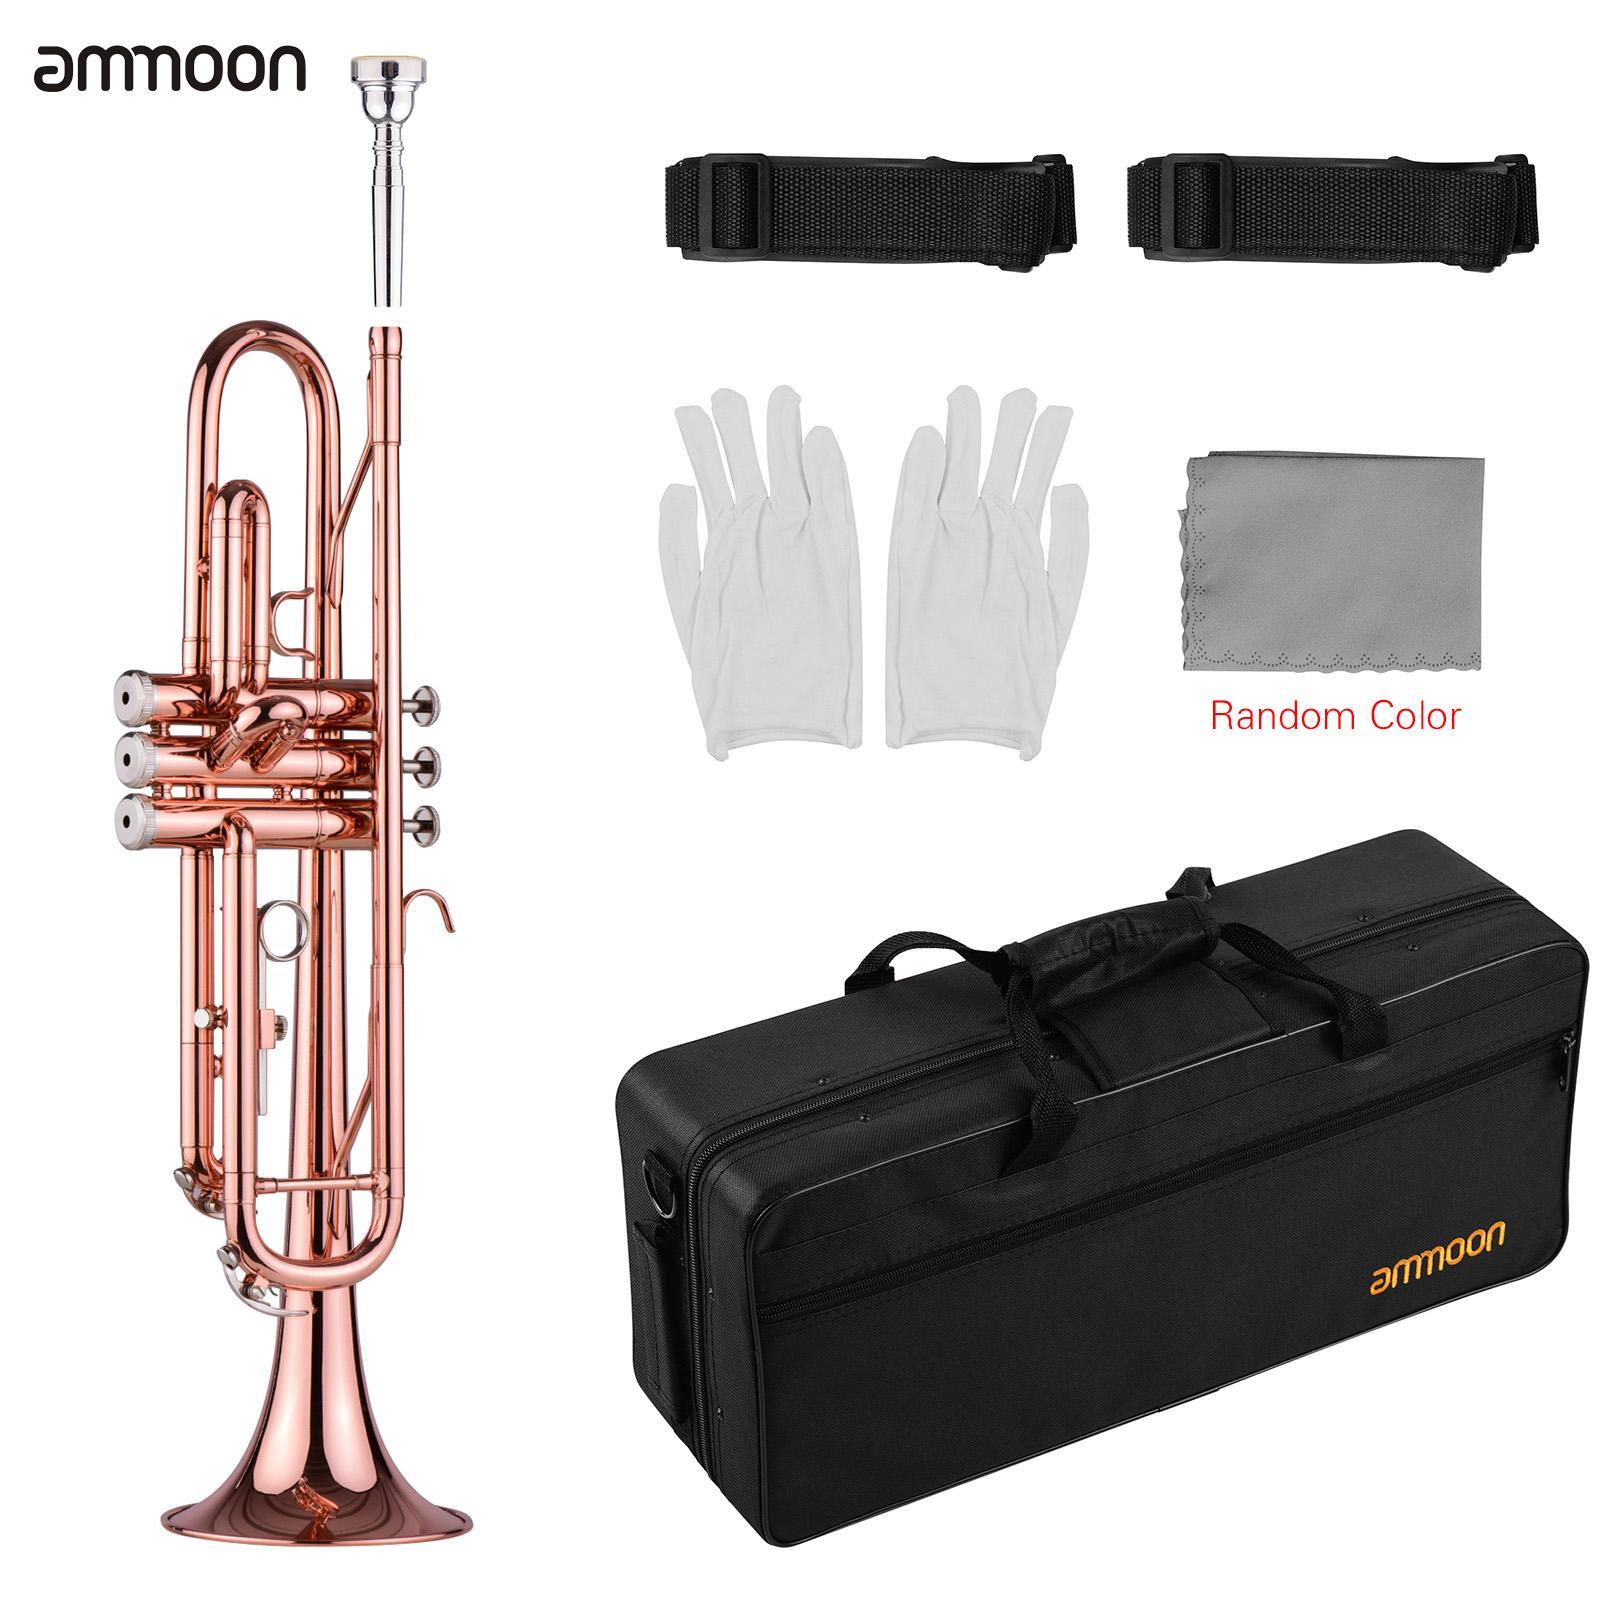 Ammoon TR-180 Стандартный Bb медной трубы с Жесткий Чехол ремни Мундштук перчатки, Чистящая салфетка для студентов начинающих